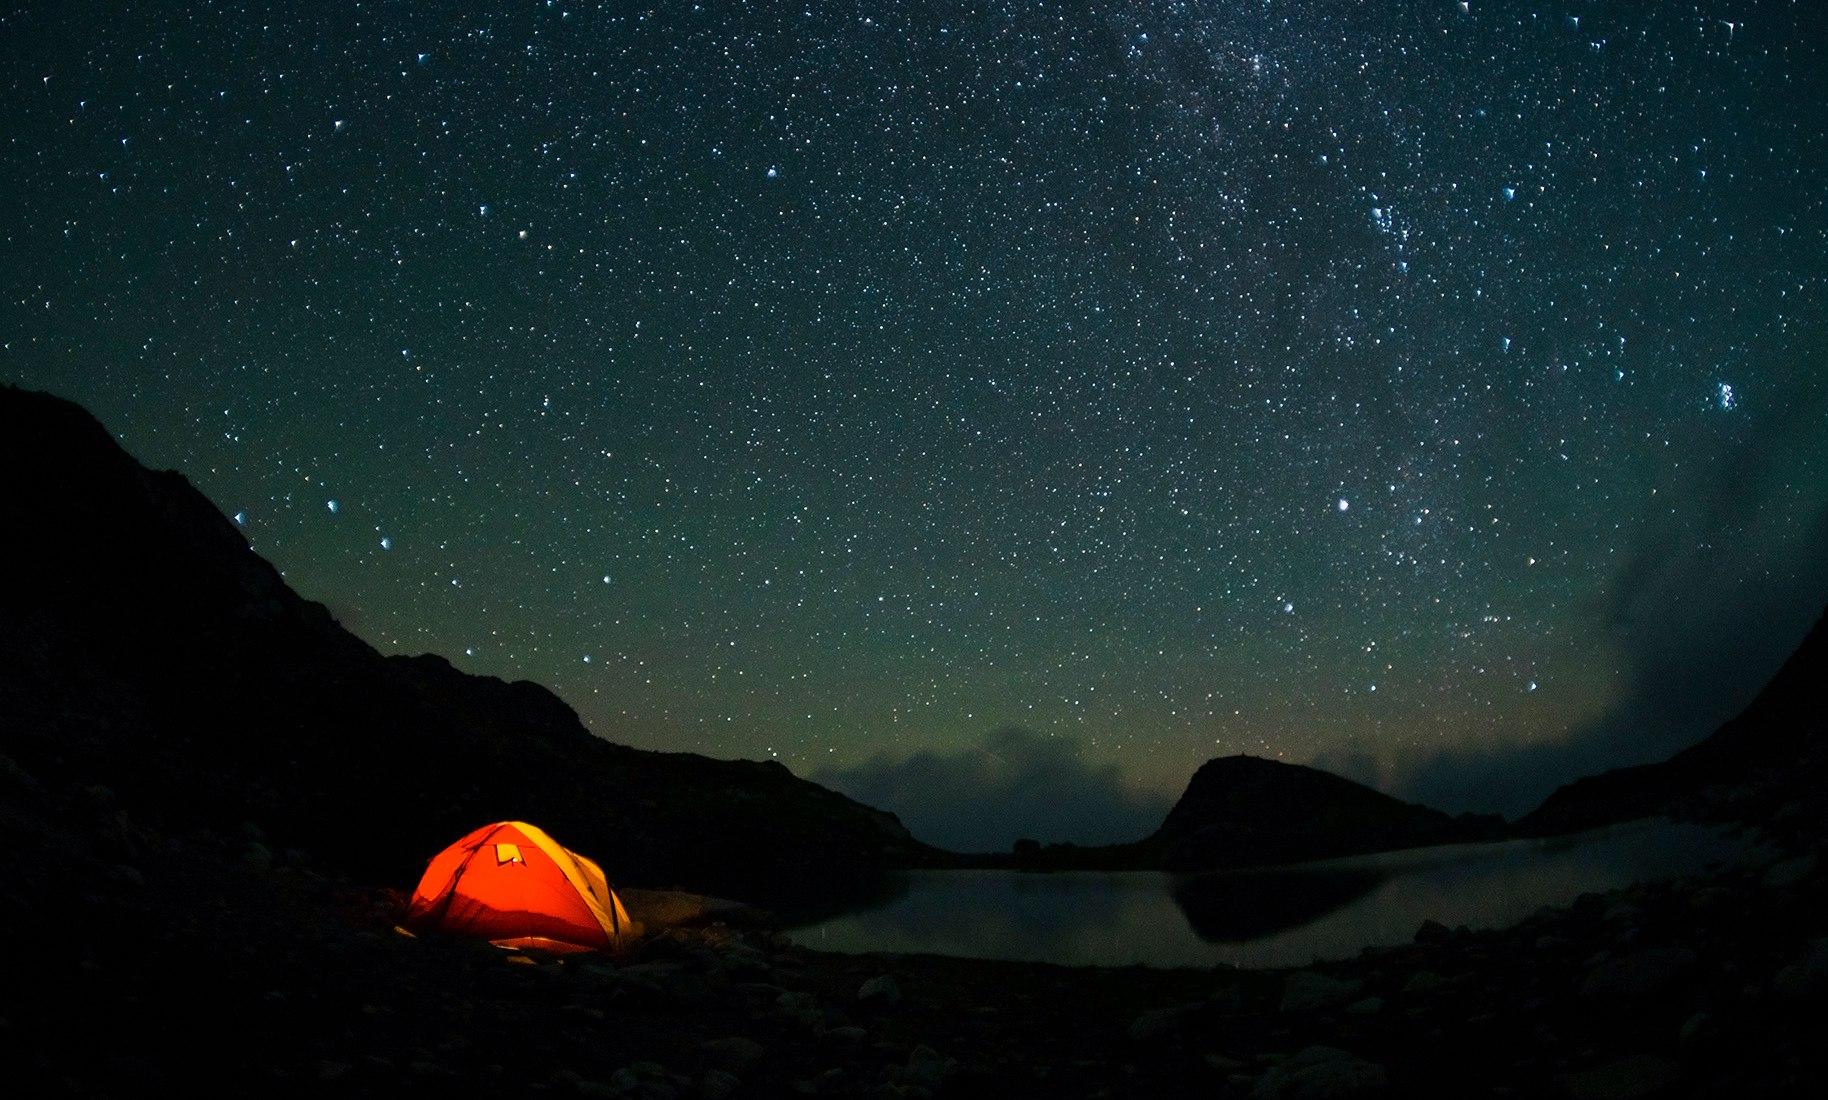 объекта обои на рабочий стол палатка звездное небо это значит